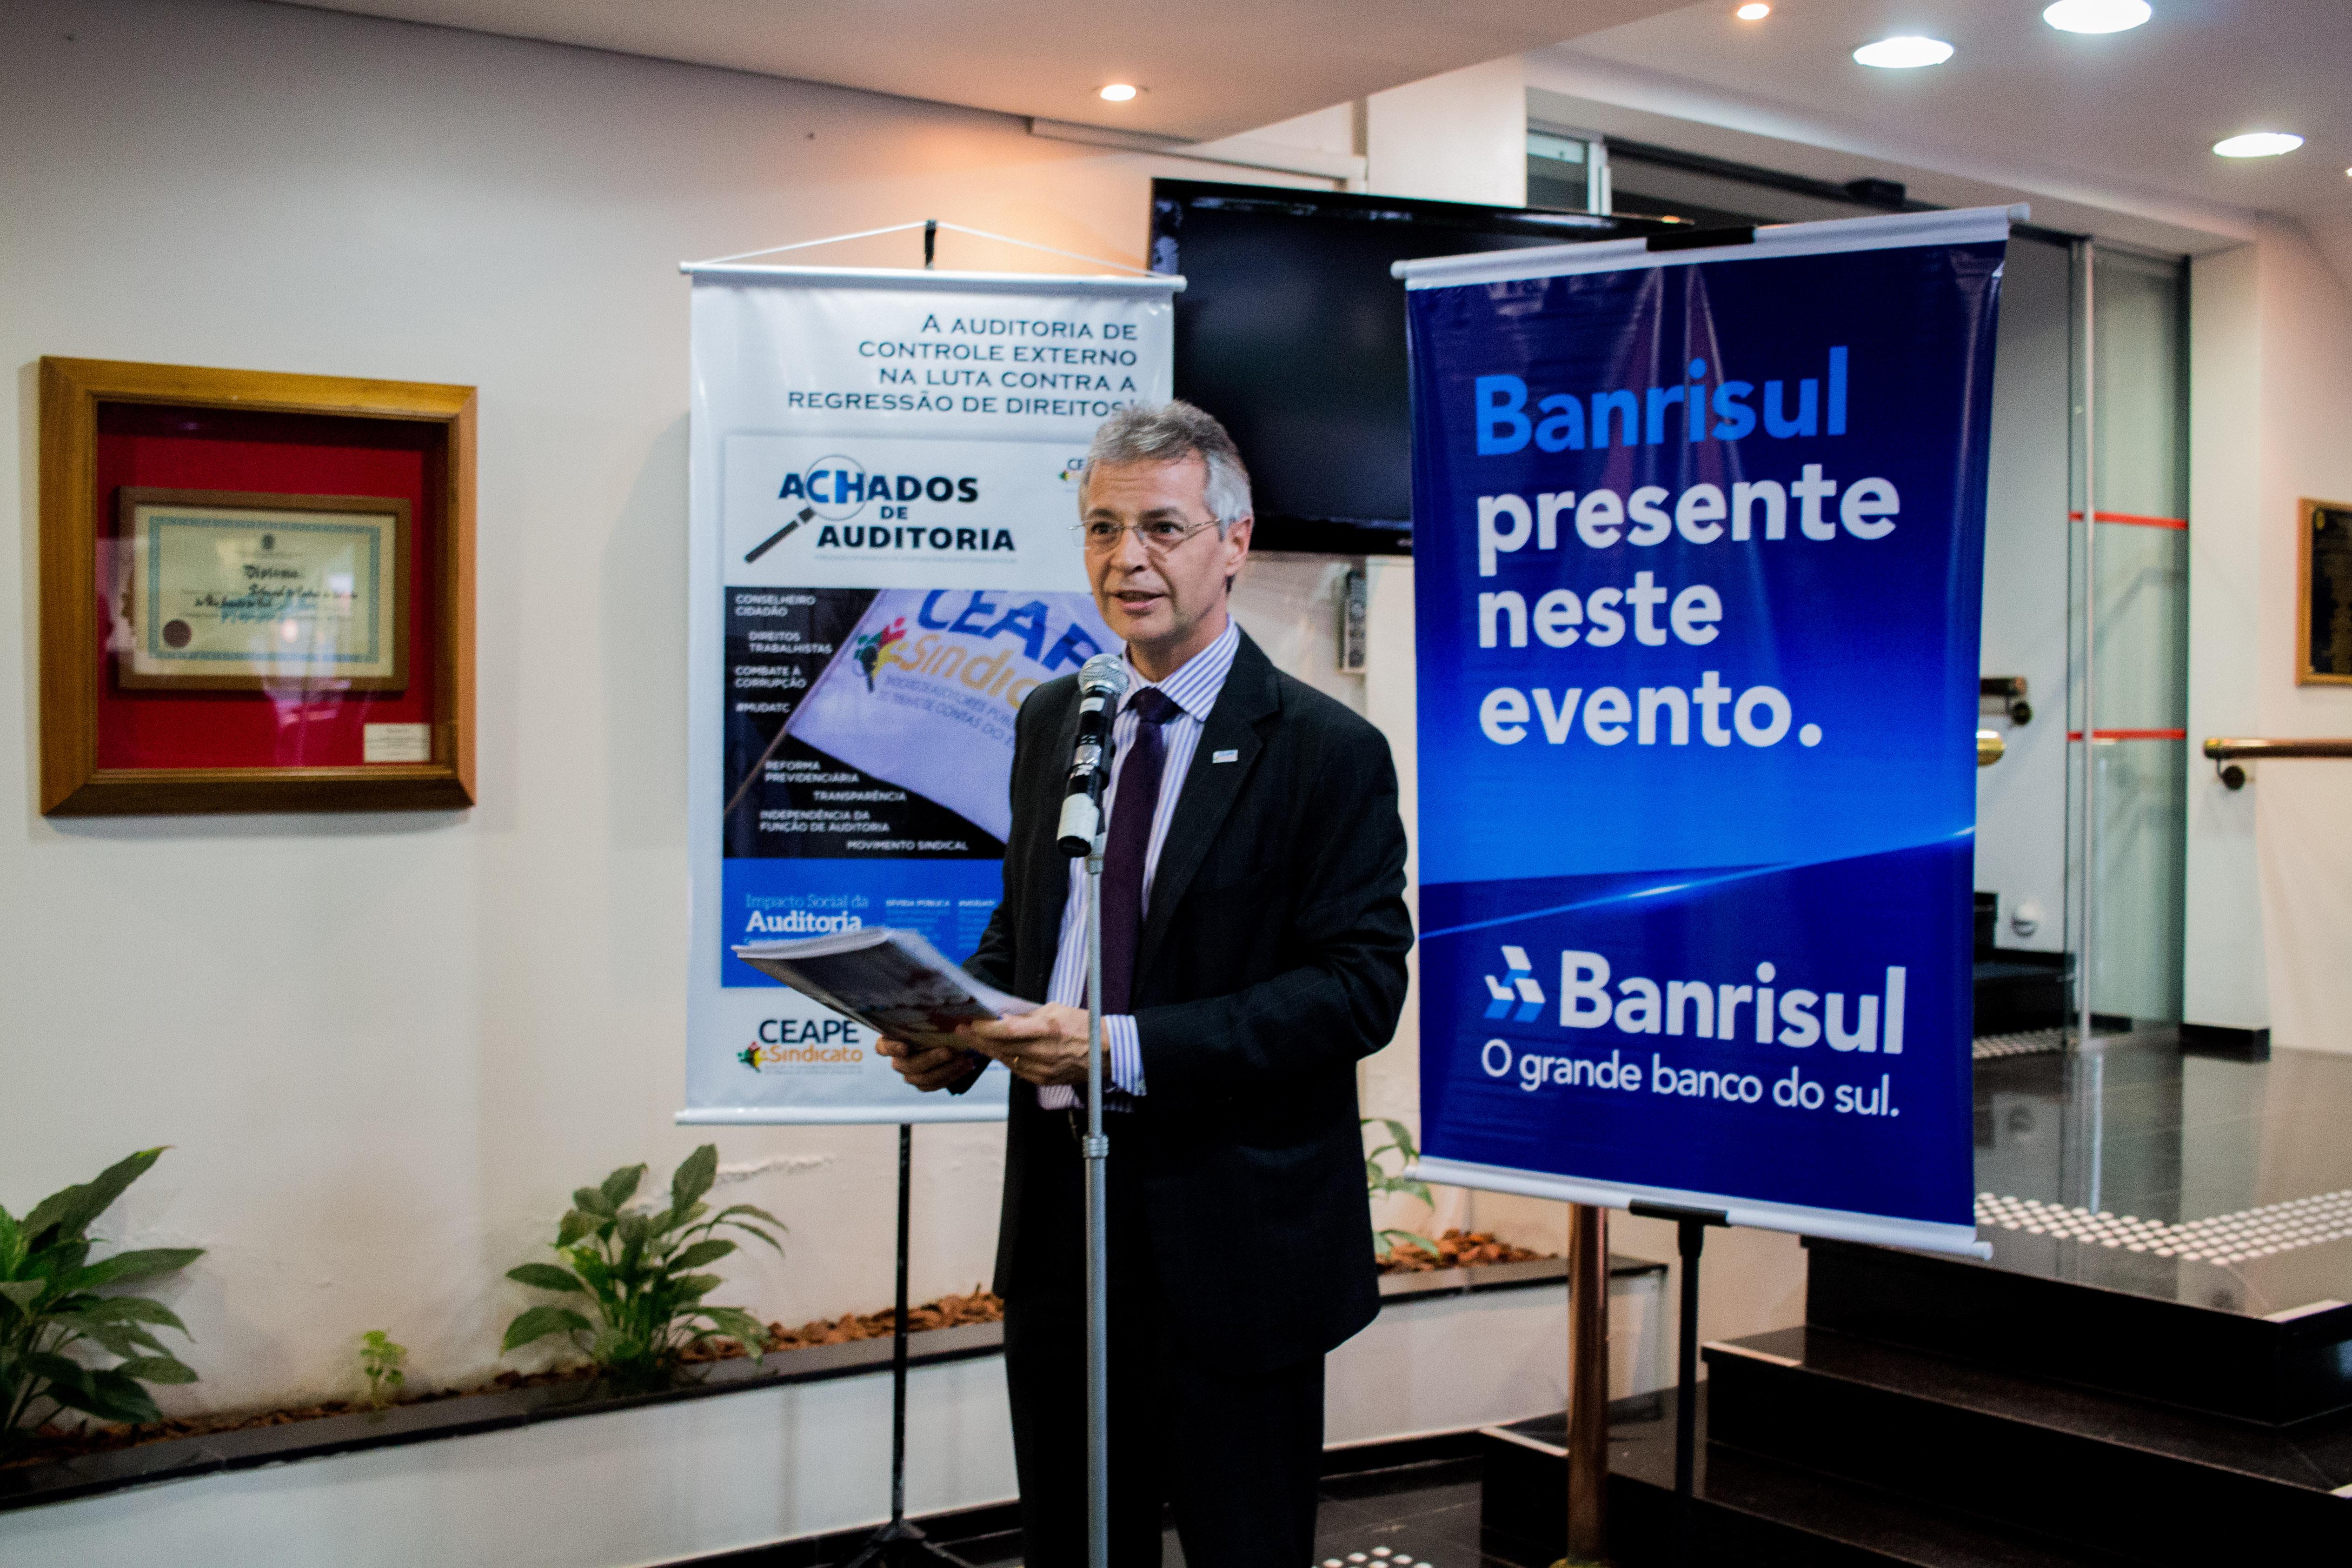 427b8f5f5b ... vice-presidente do Centro dos Funcionários do Tribunal de Justiça do RS  (Cejus). Também presente Maicon Prado